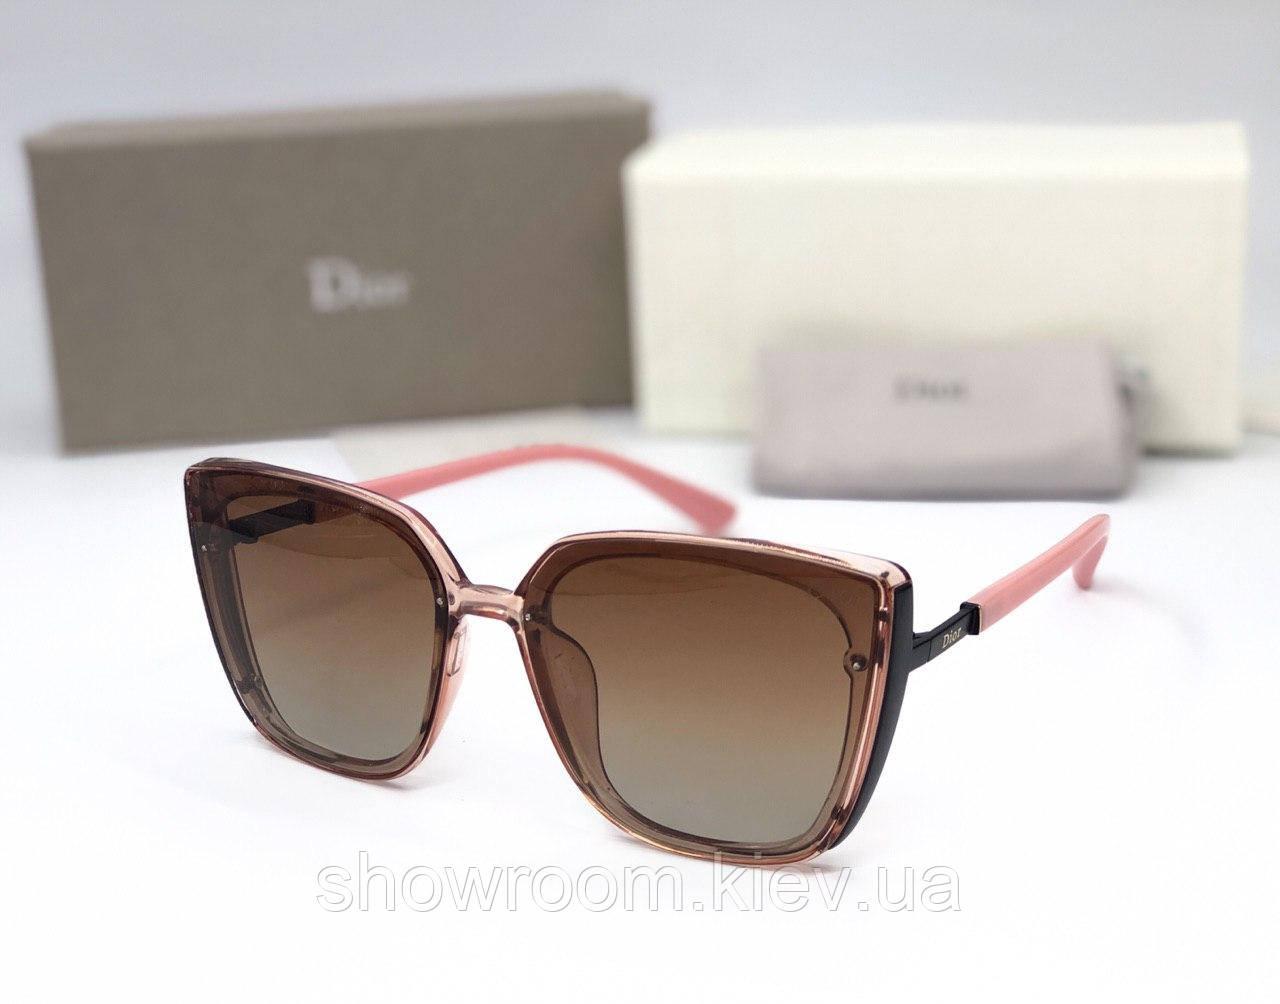 Женские брендовые солнцезащитные очки (8904) rose